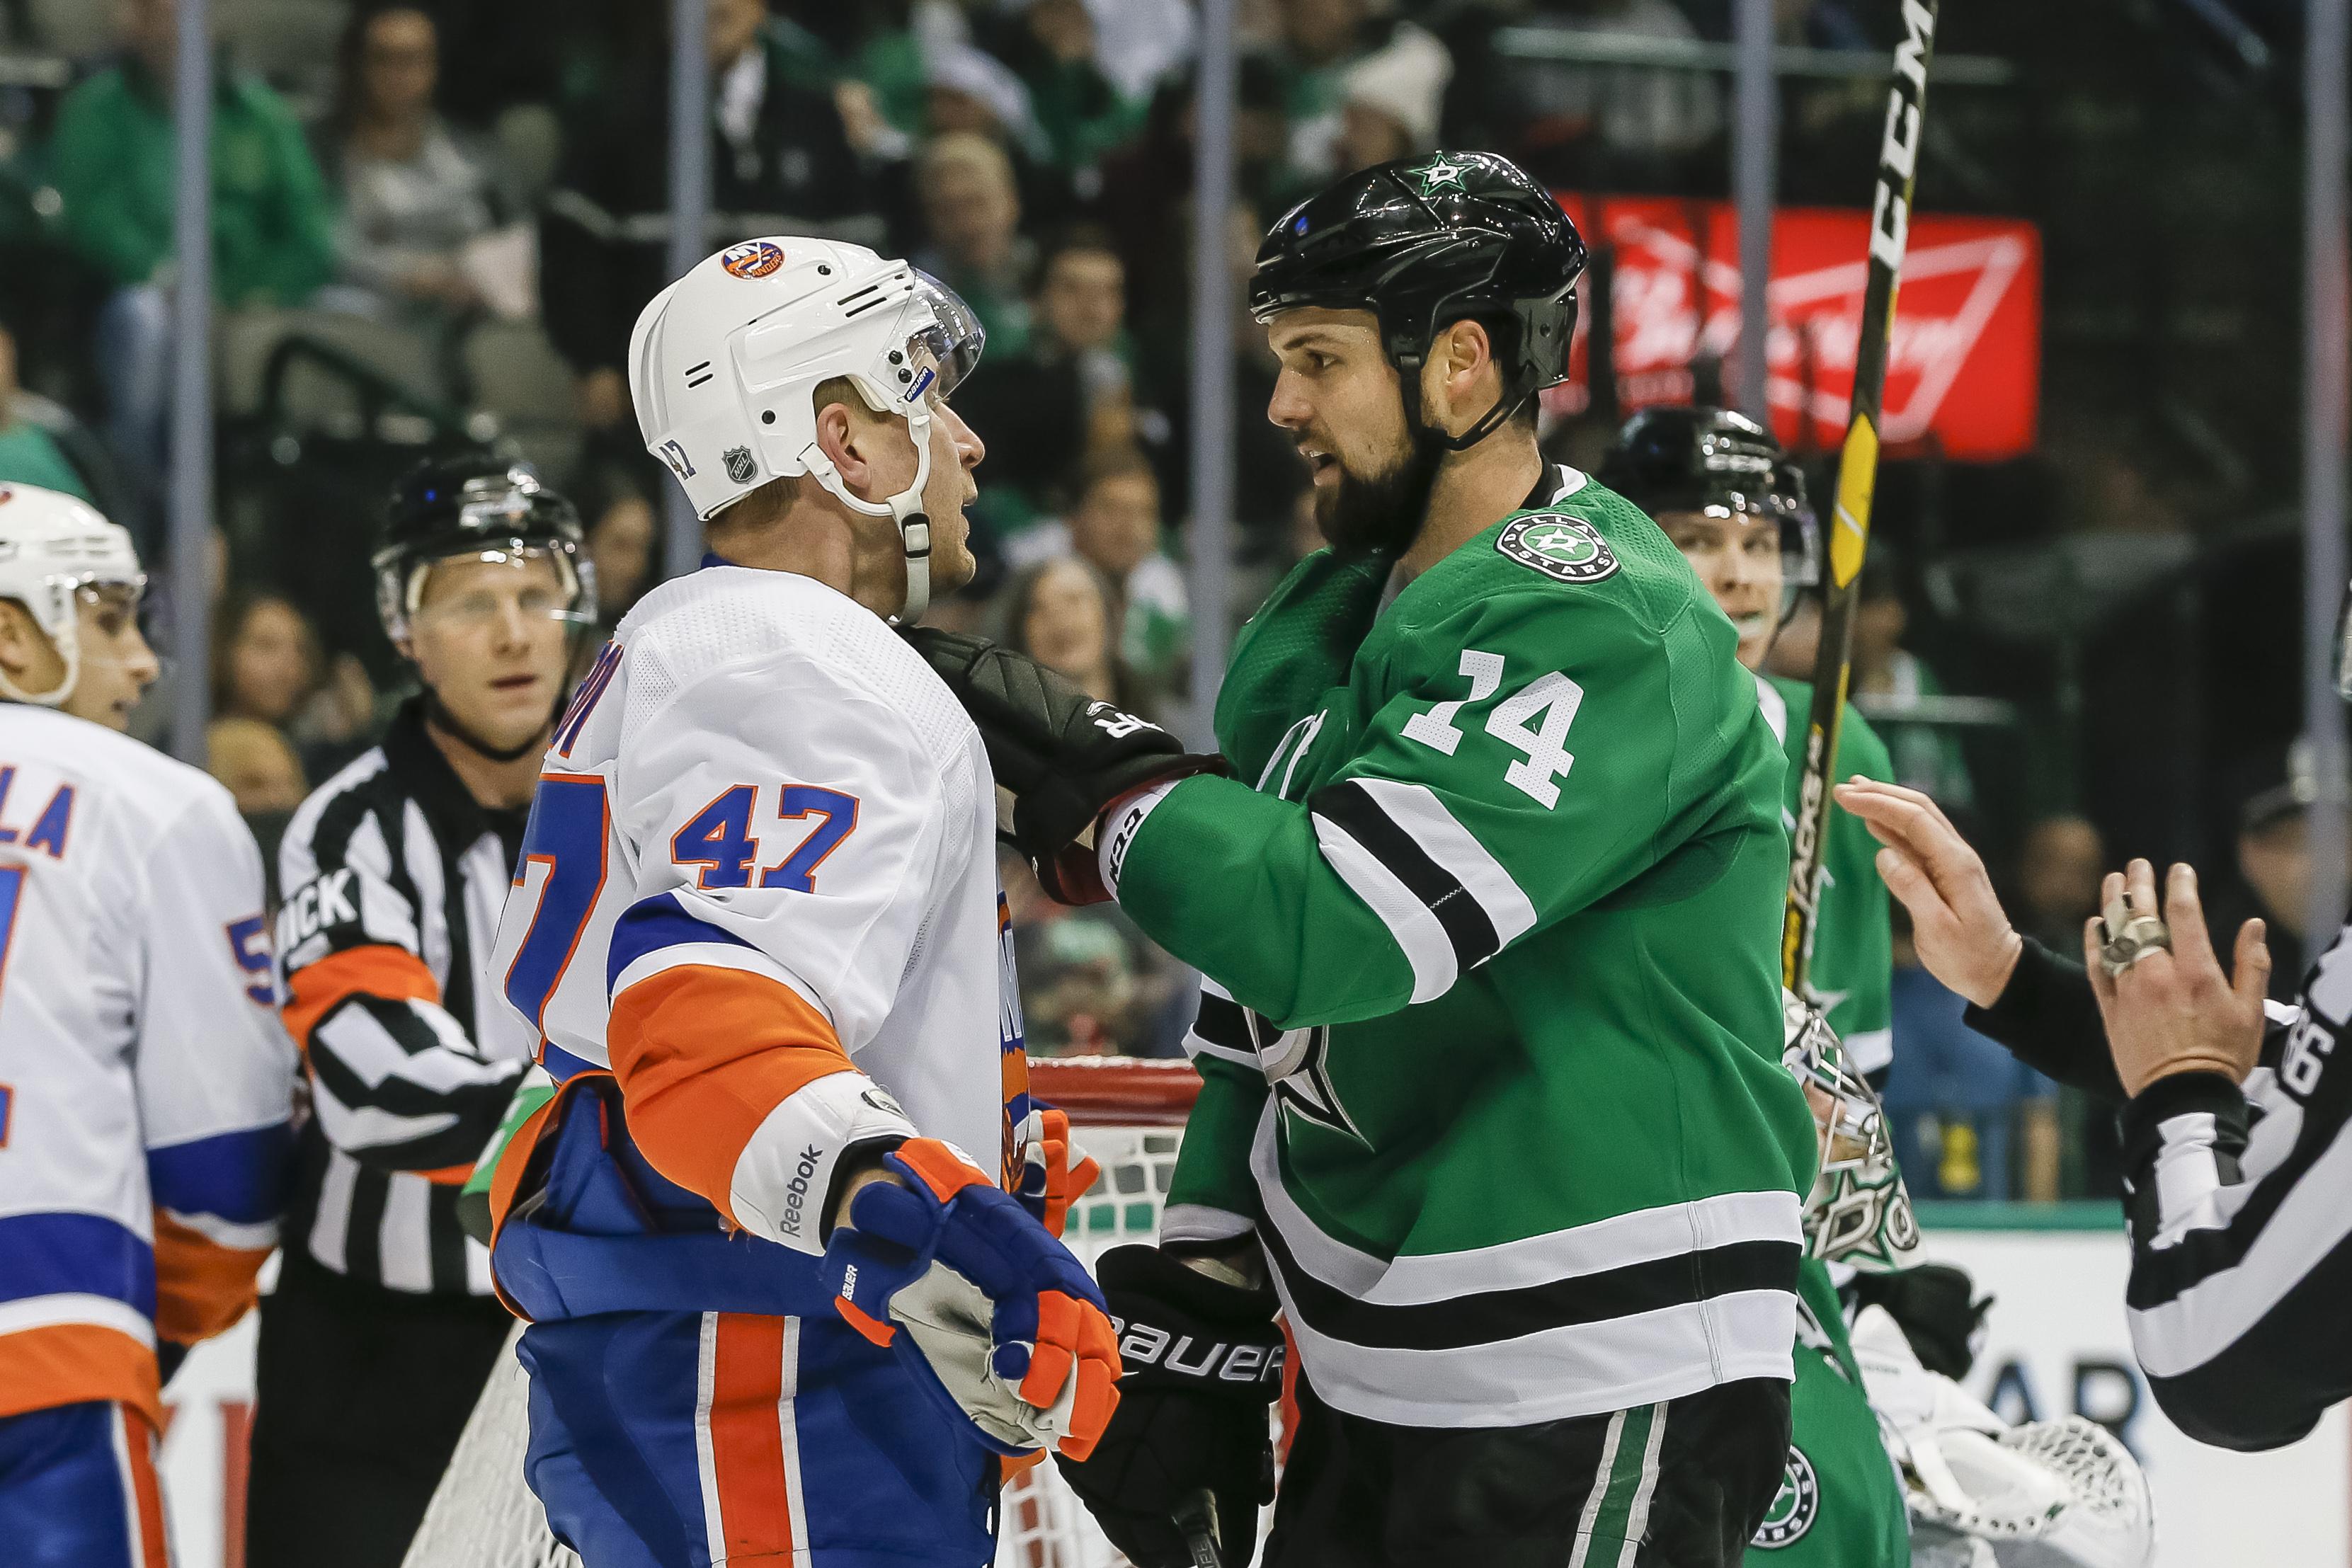 NHL: DEC 23 Islanders at Stars